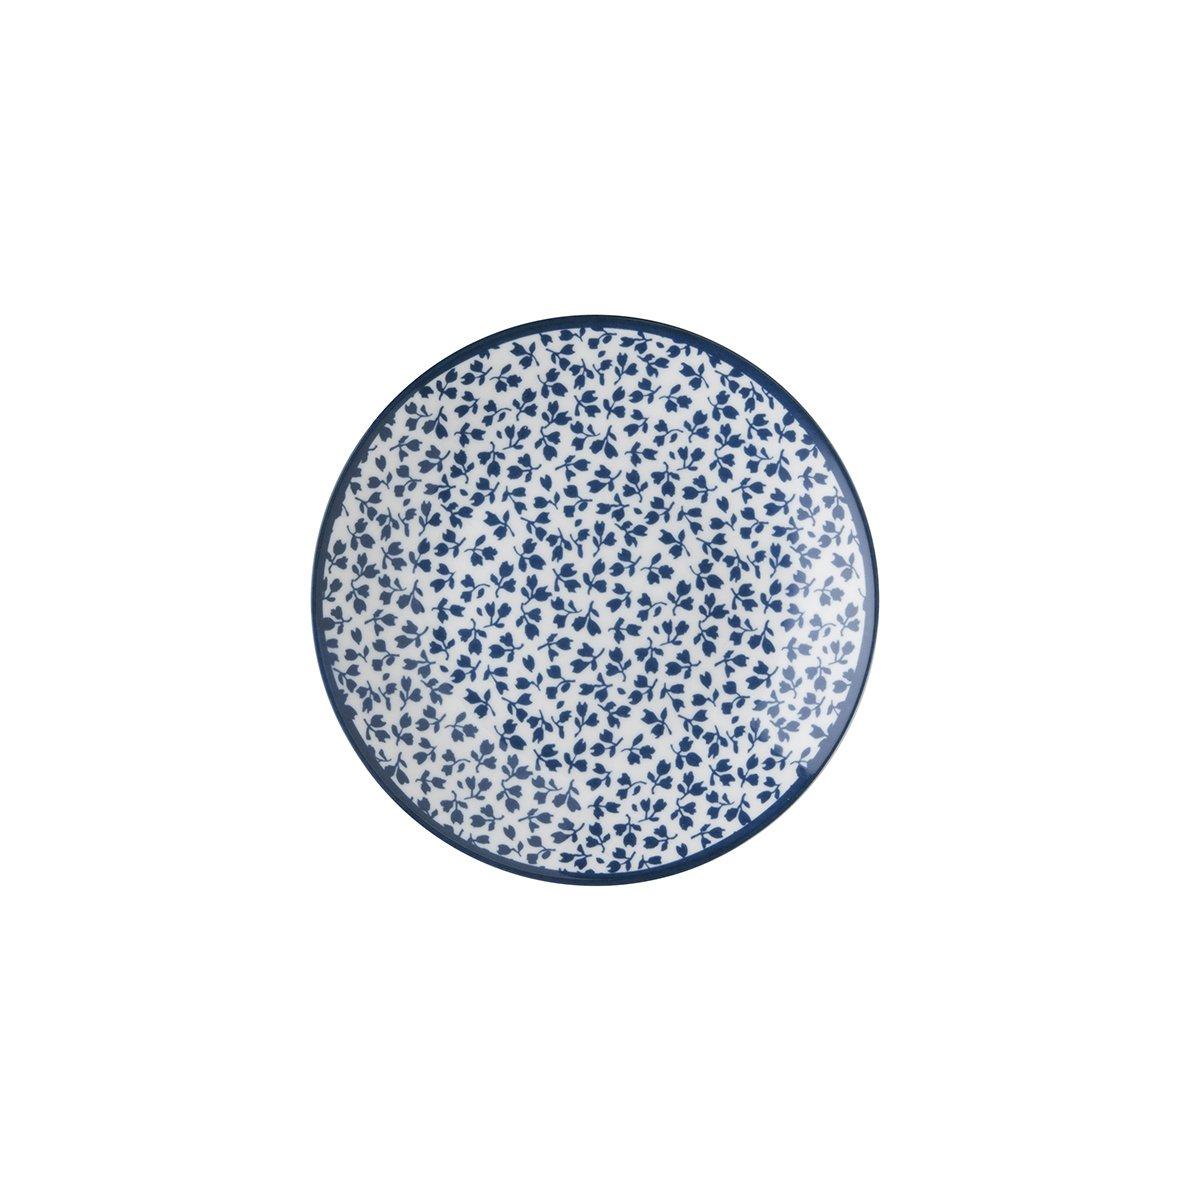 Laura Ashley Floris LAURA ASHLEY W178274 12 cm dise/ño de flores Plato de porcelana